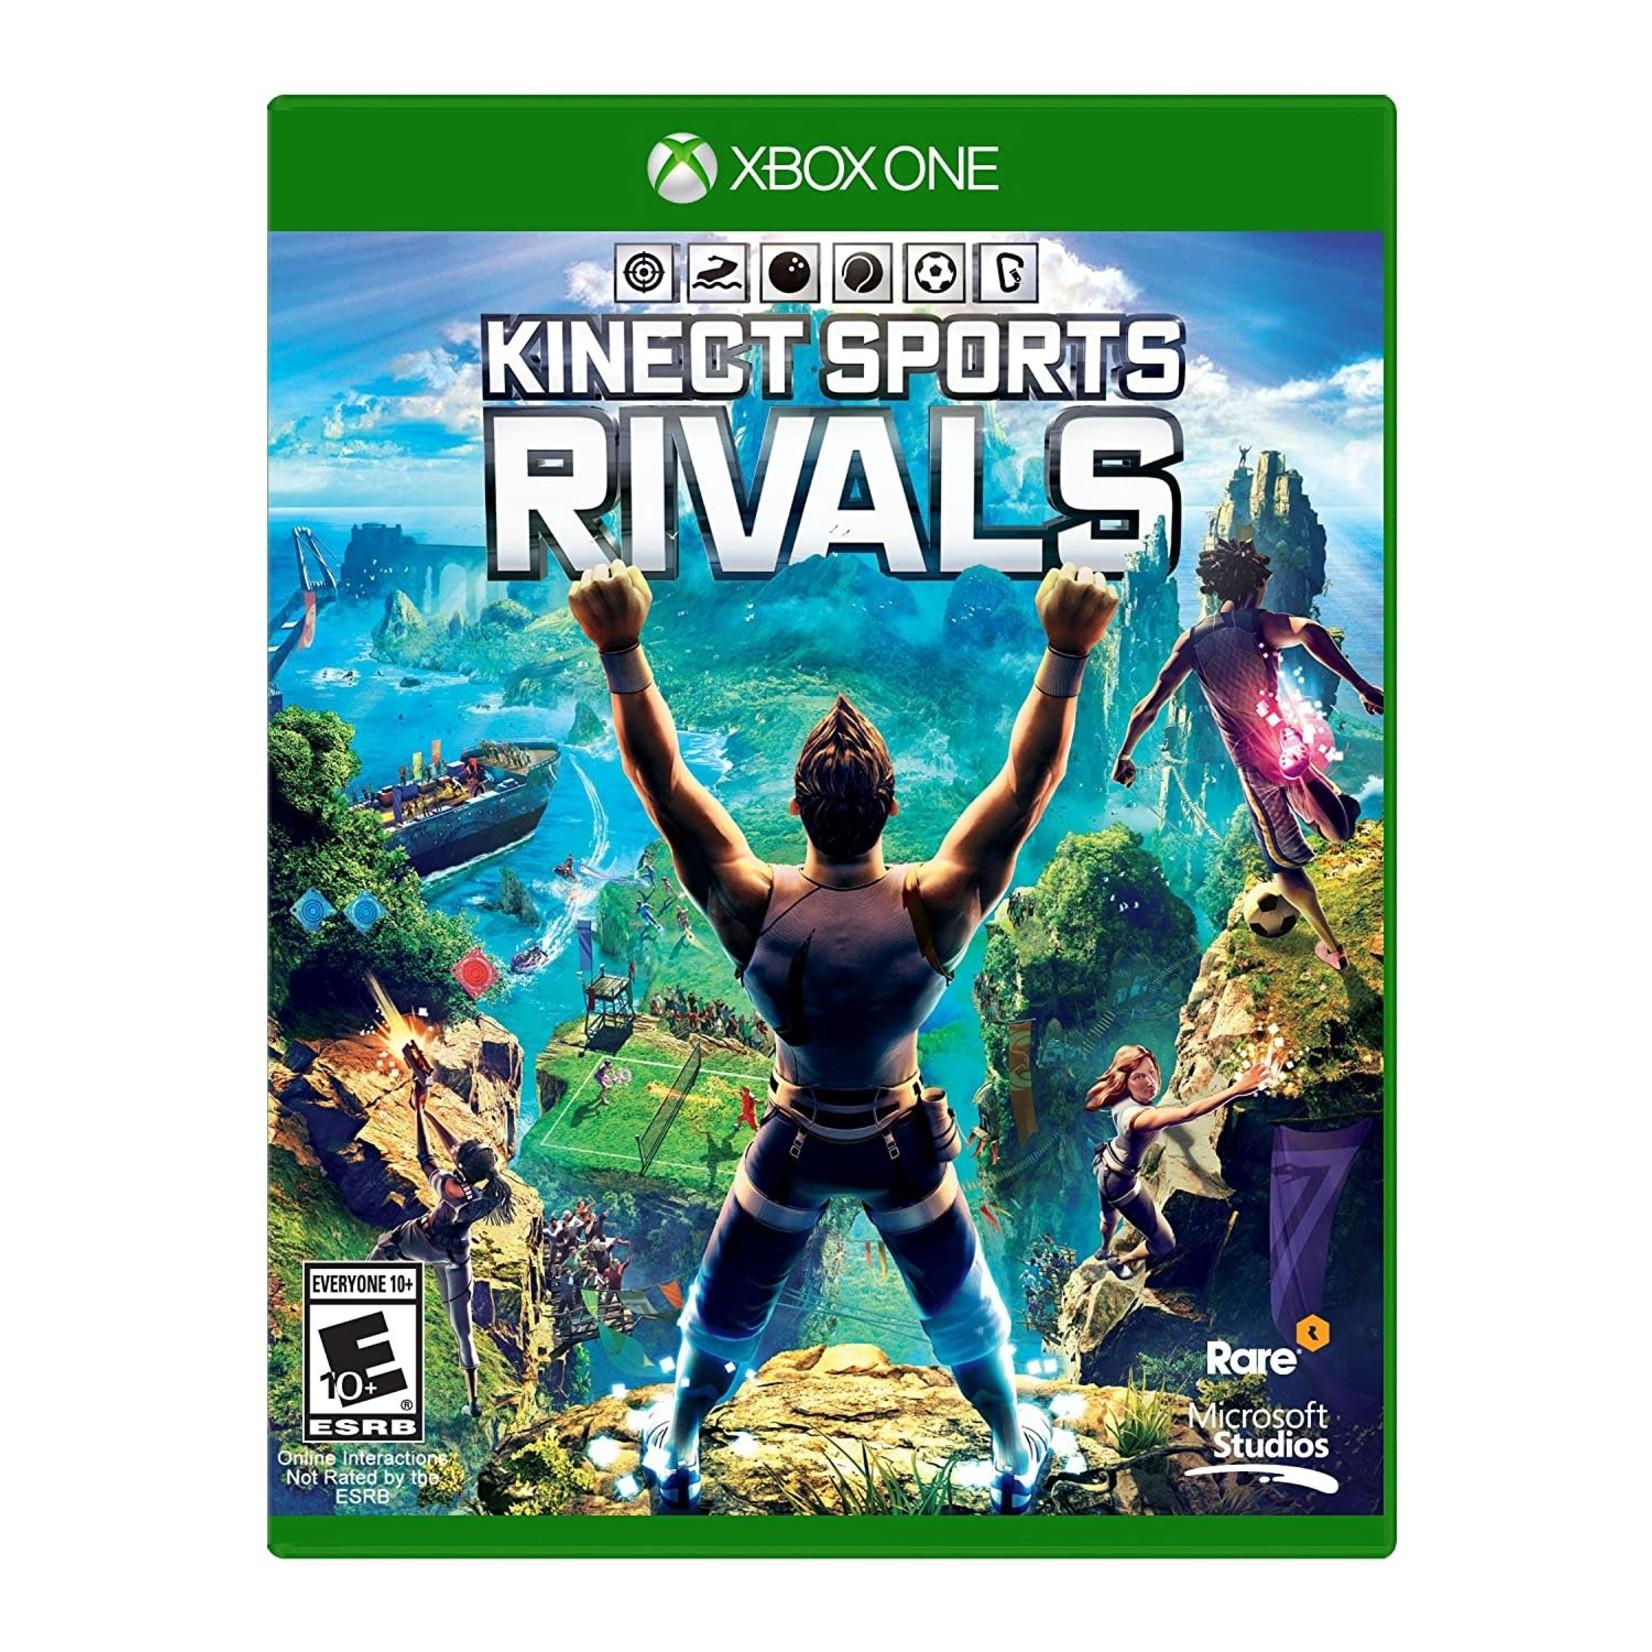 XB1U-Kinect Sports Rivals